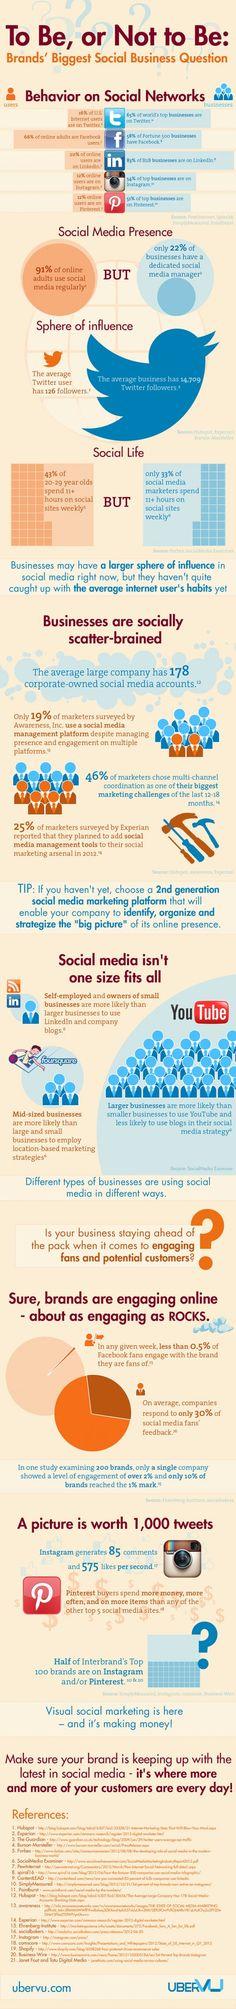 Le aziende e i brand possono avere una sfera ben più ampia di influenza nei social media ad oggi, ma ci sono ancora molte discrepanze tra il comportamento medio degli utenti Internet e il comportamento dei marchi online.